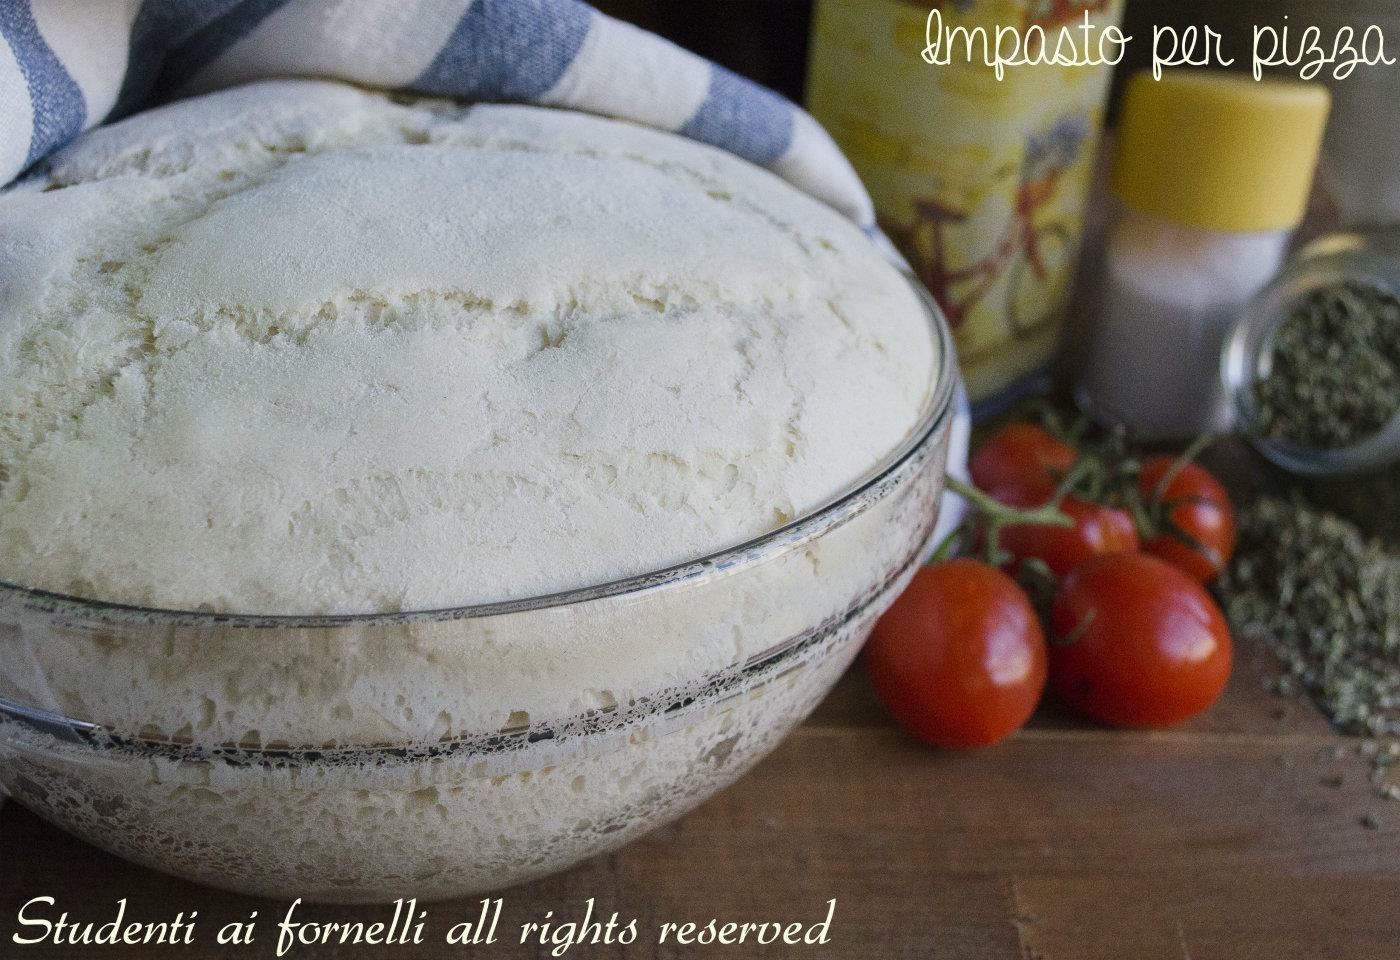 Ricetta Pasta X Pizza Fatta In Casa.Impasto Per Pizza Fatta In Casa Digeribile Con Poco Lievito